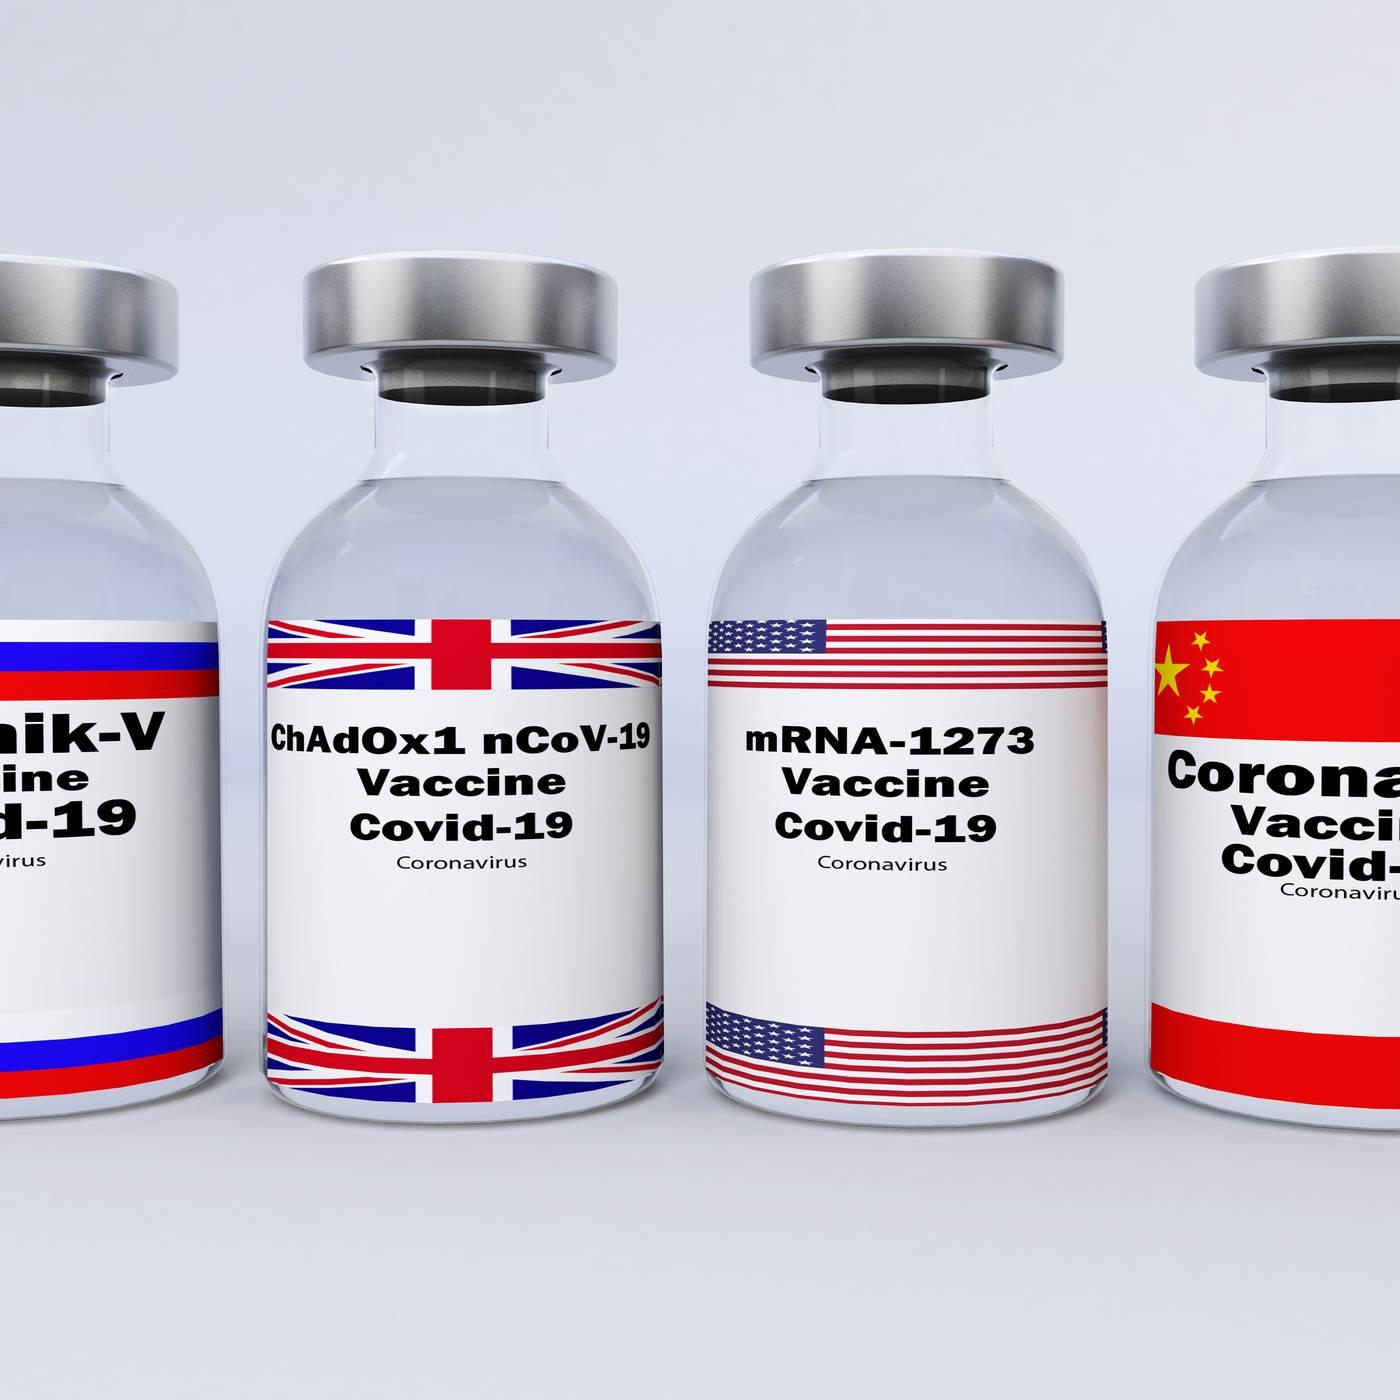 Senado poderá acompanhar compra e distribuição de vacinas contra a covid